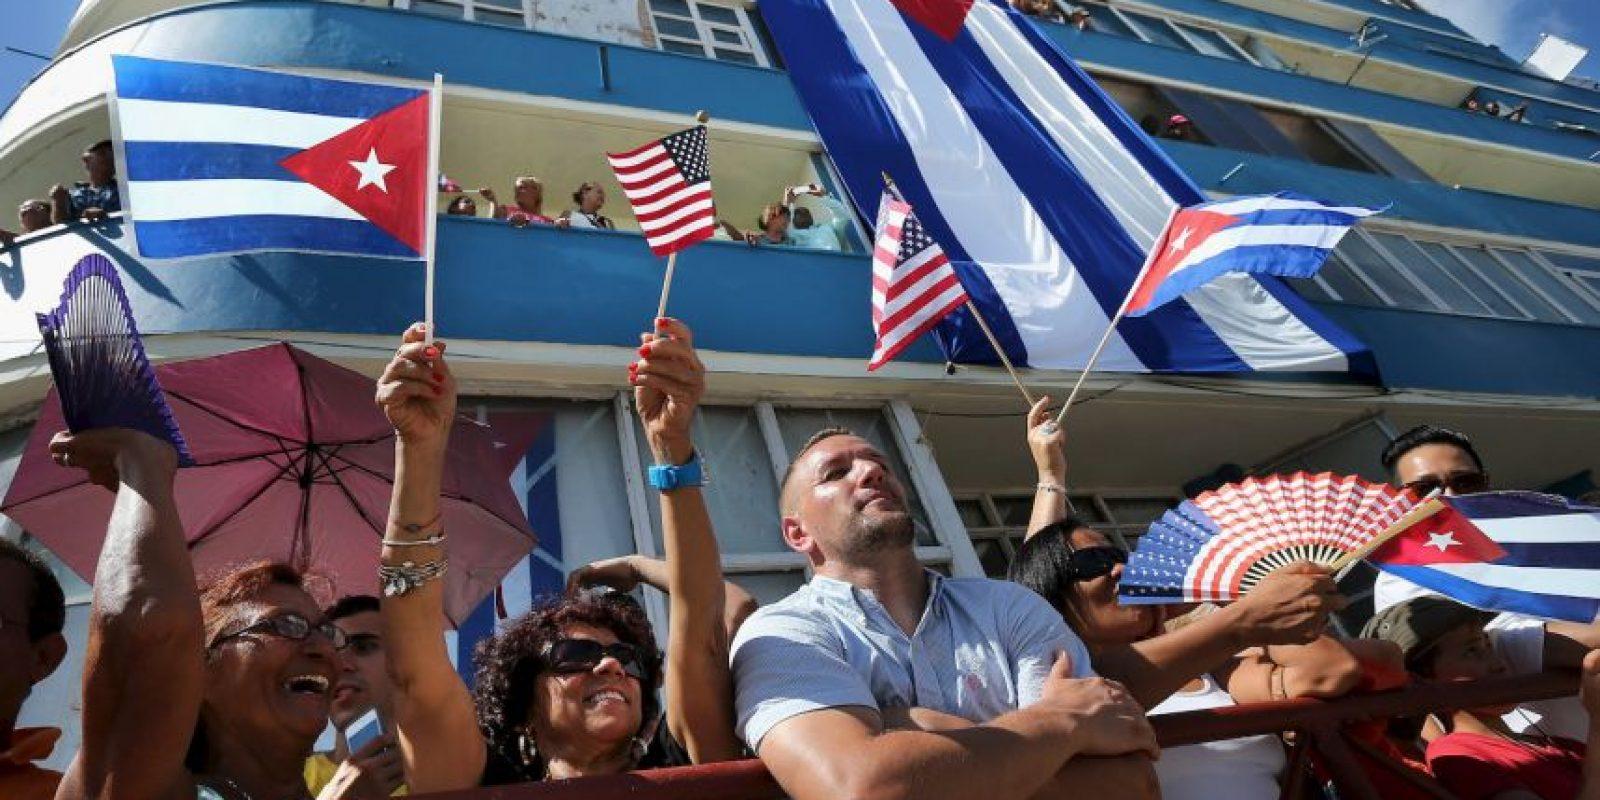 Las personas con un pasaporte cubano solo pueden evitar tramites de visado en 59 países, por lo que coloca al documento en lugar 78 globalmente. Foto:Getty Images